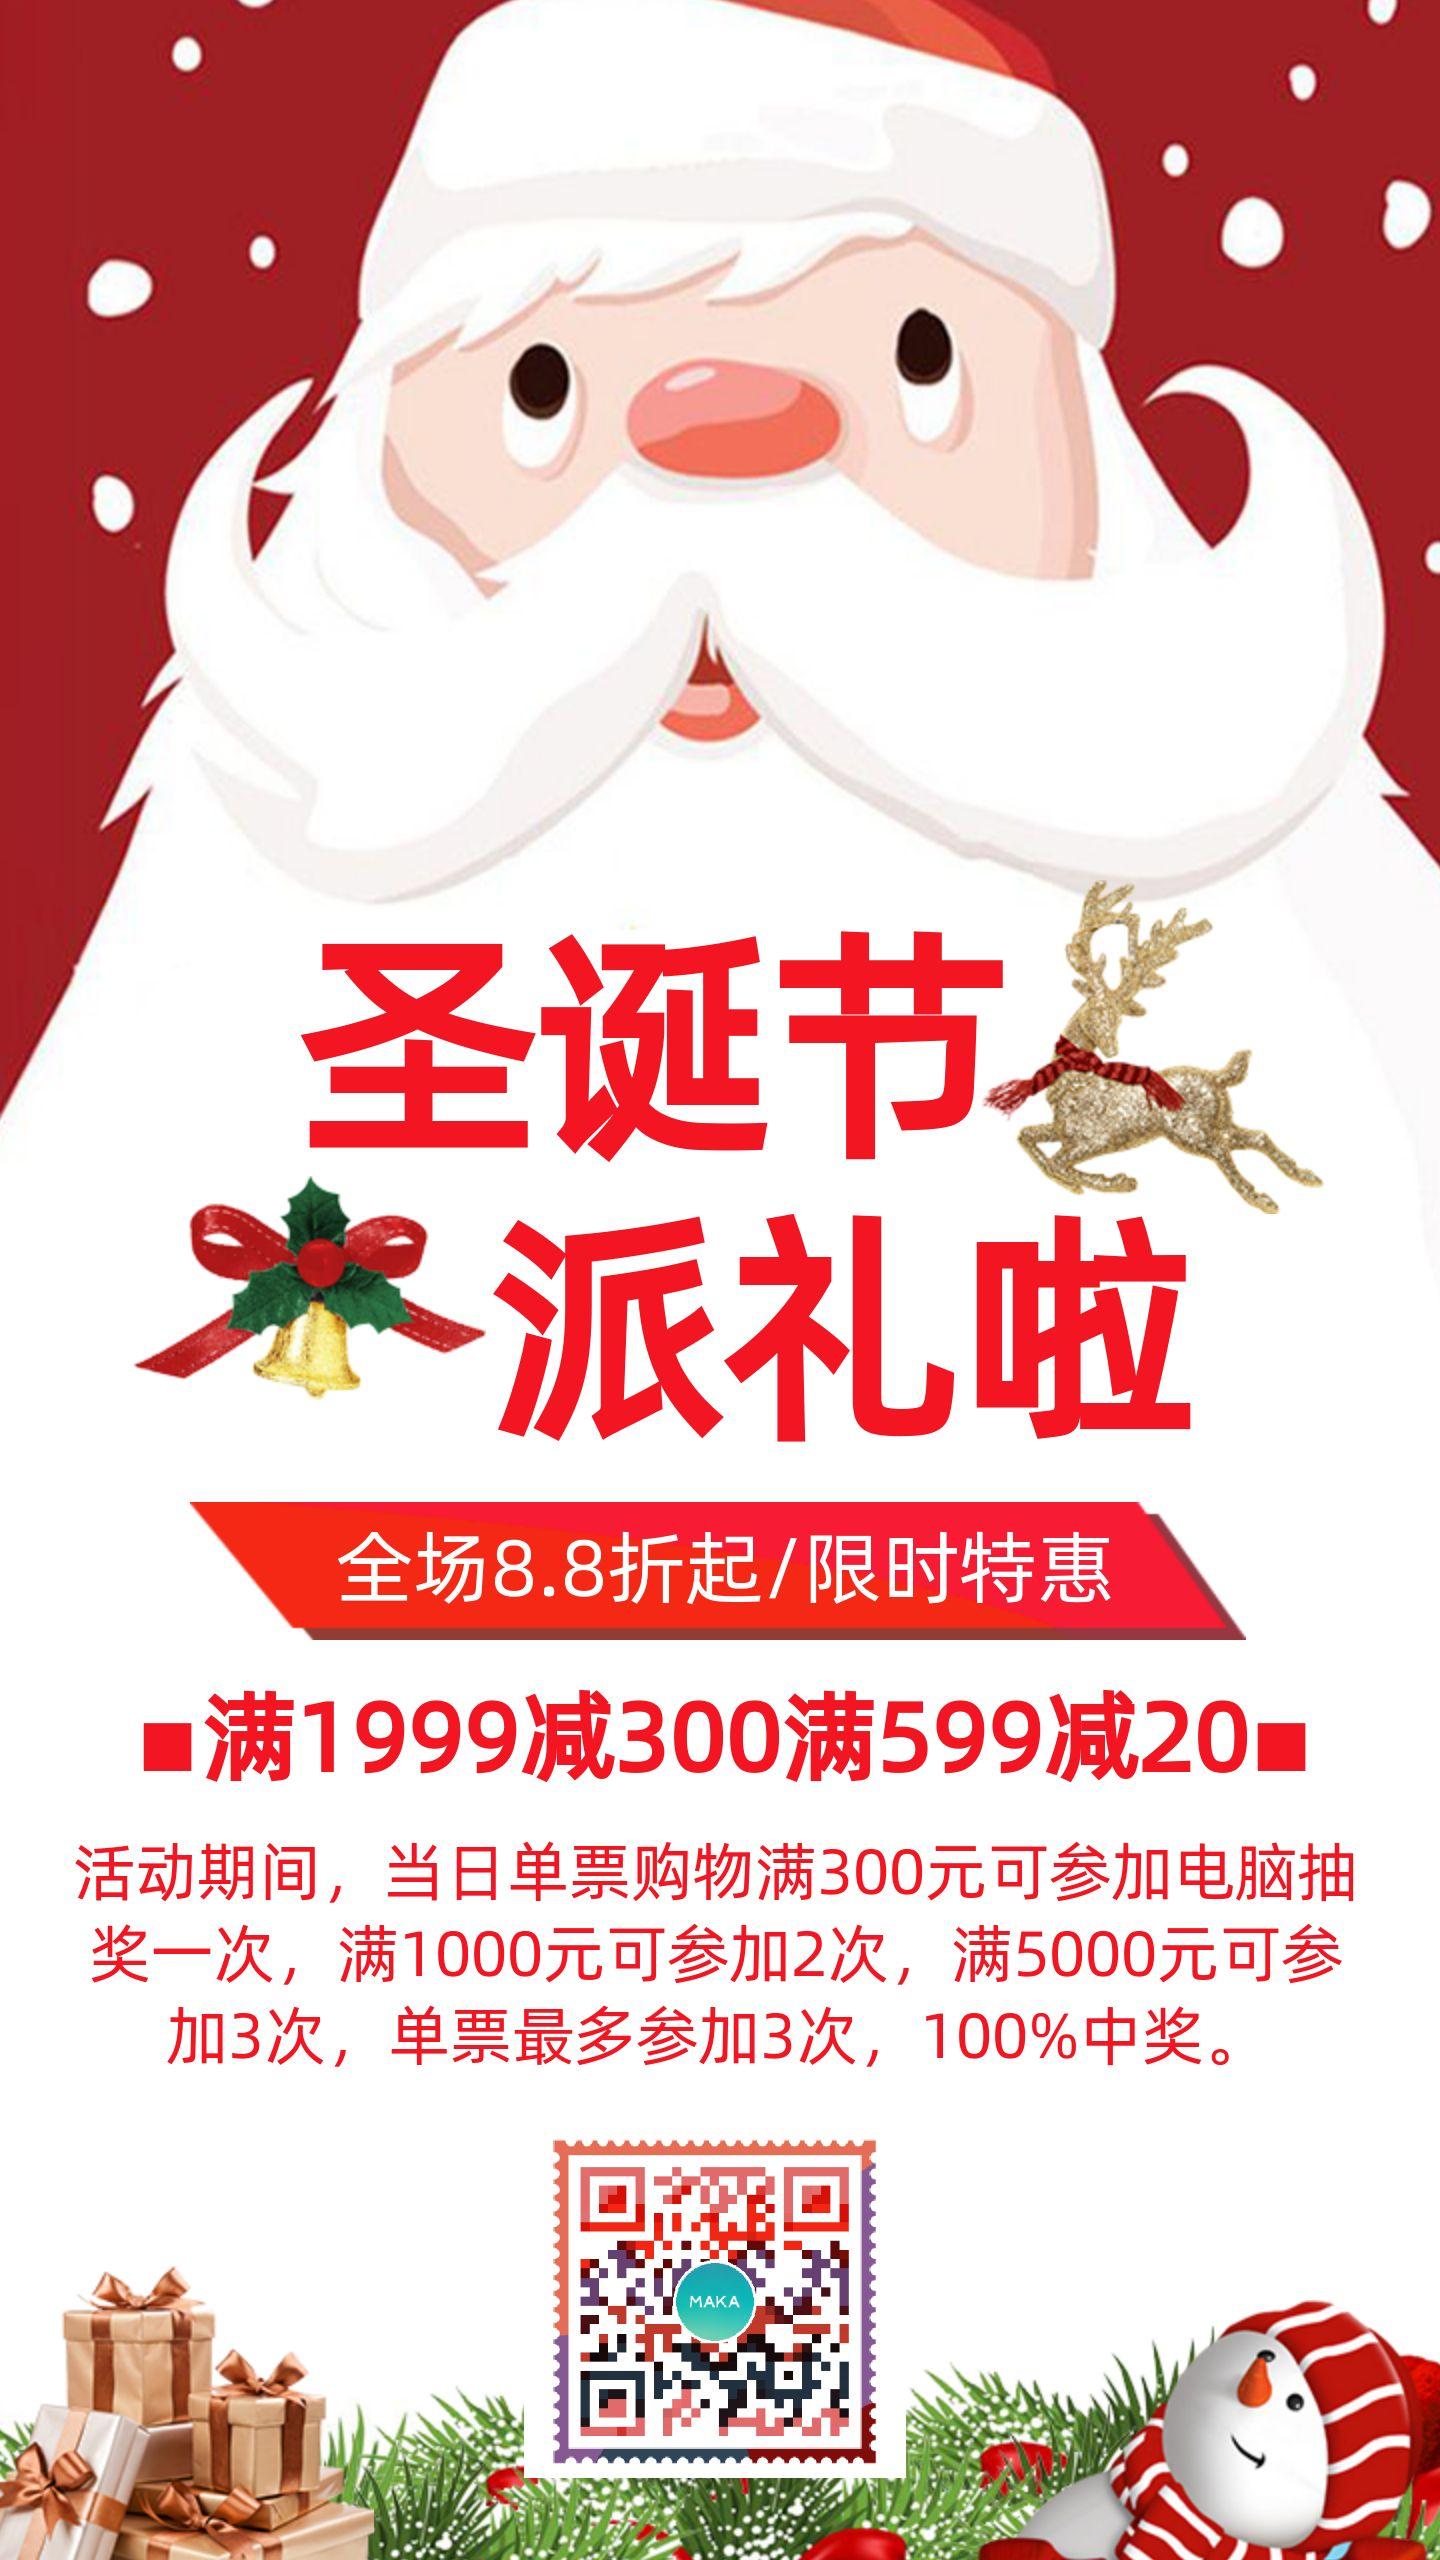 圣诞节派礼啦促销宣传活动红色简约海报